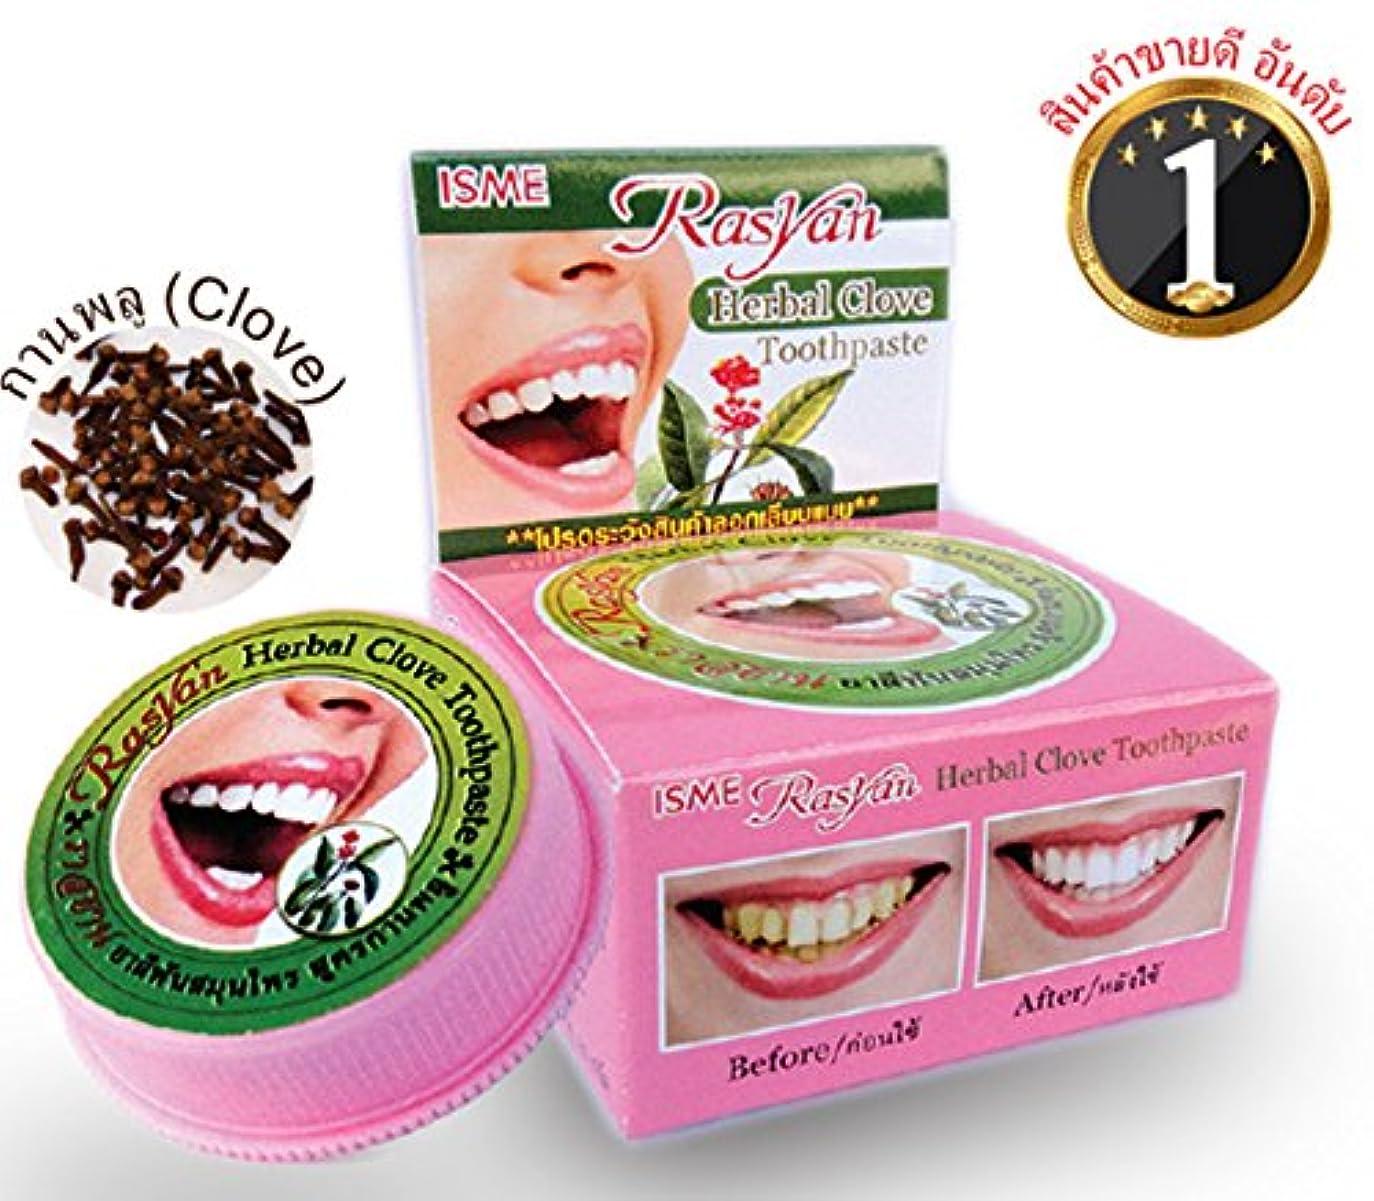 理論素朴な同情的練り歯磨き ハーブ Thai Herbal Rasyan Herbal Clove Toothpaste (5 Gram Size) 2 Pcs.